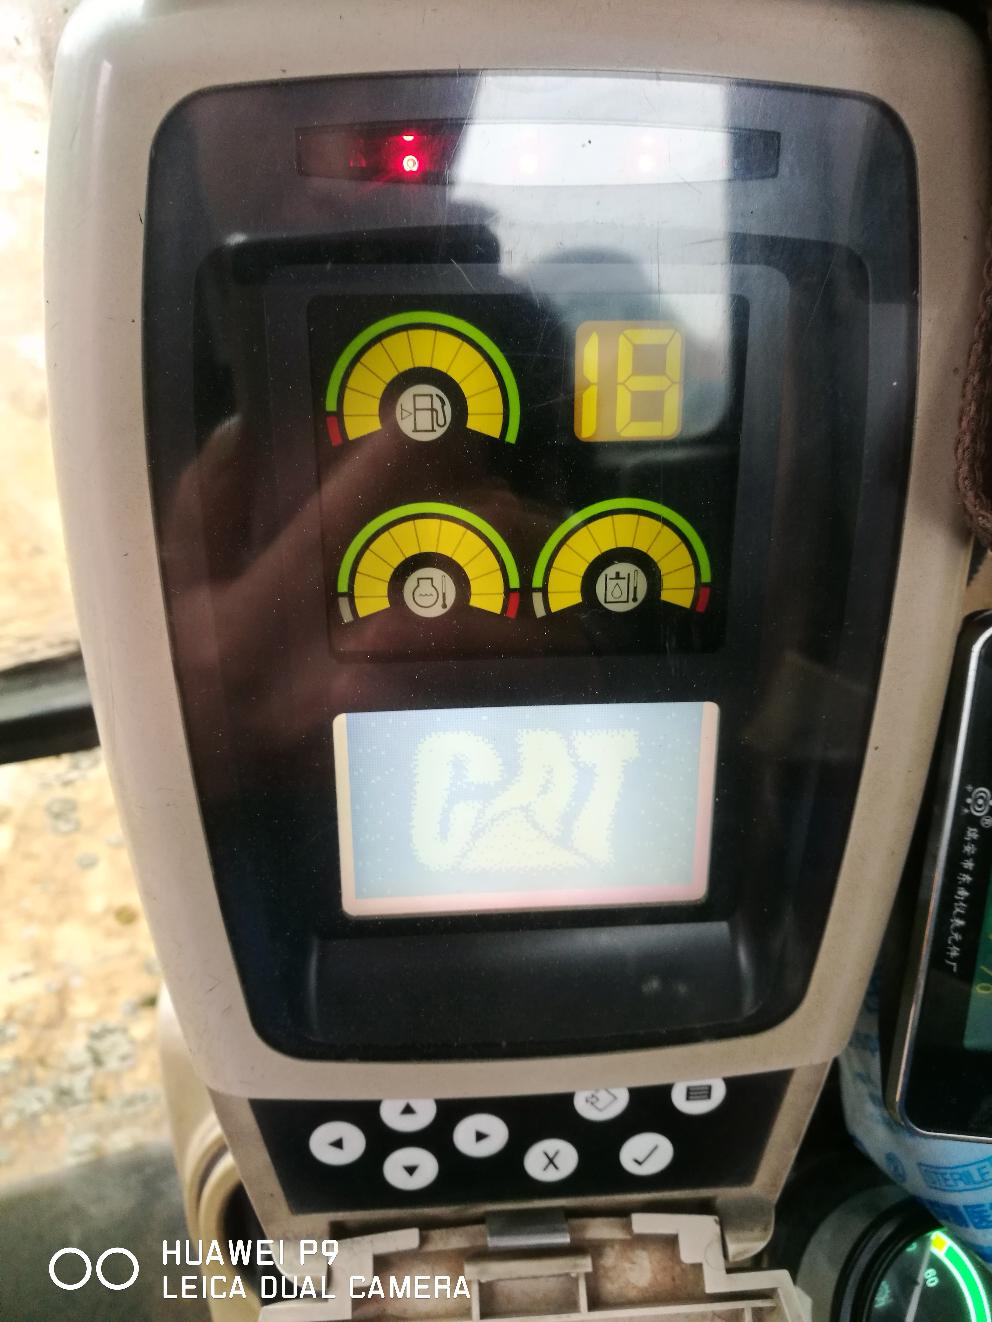 卡特c系列显示屏,高压燃油泵